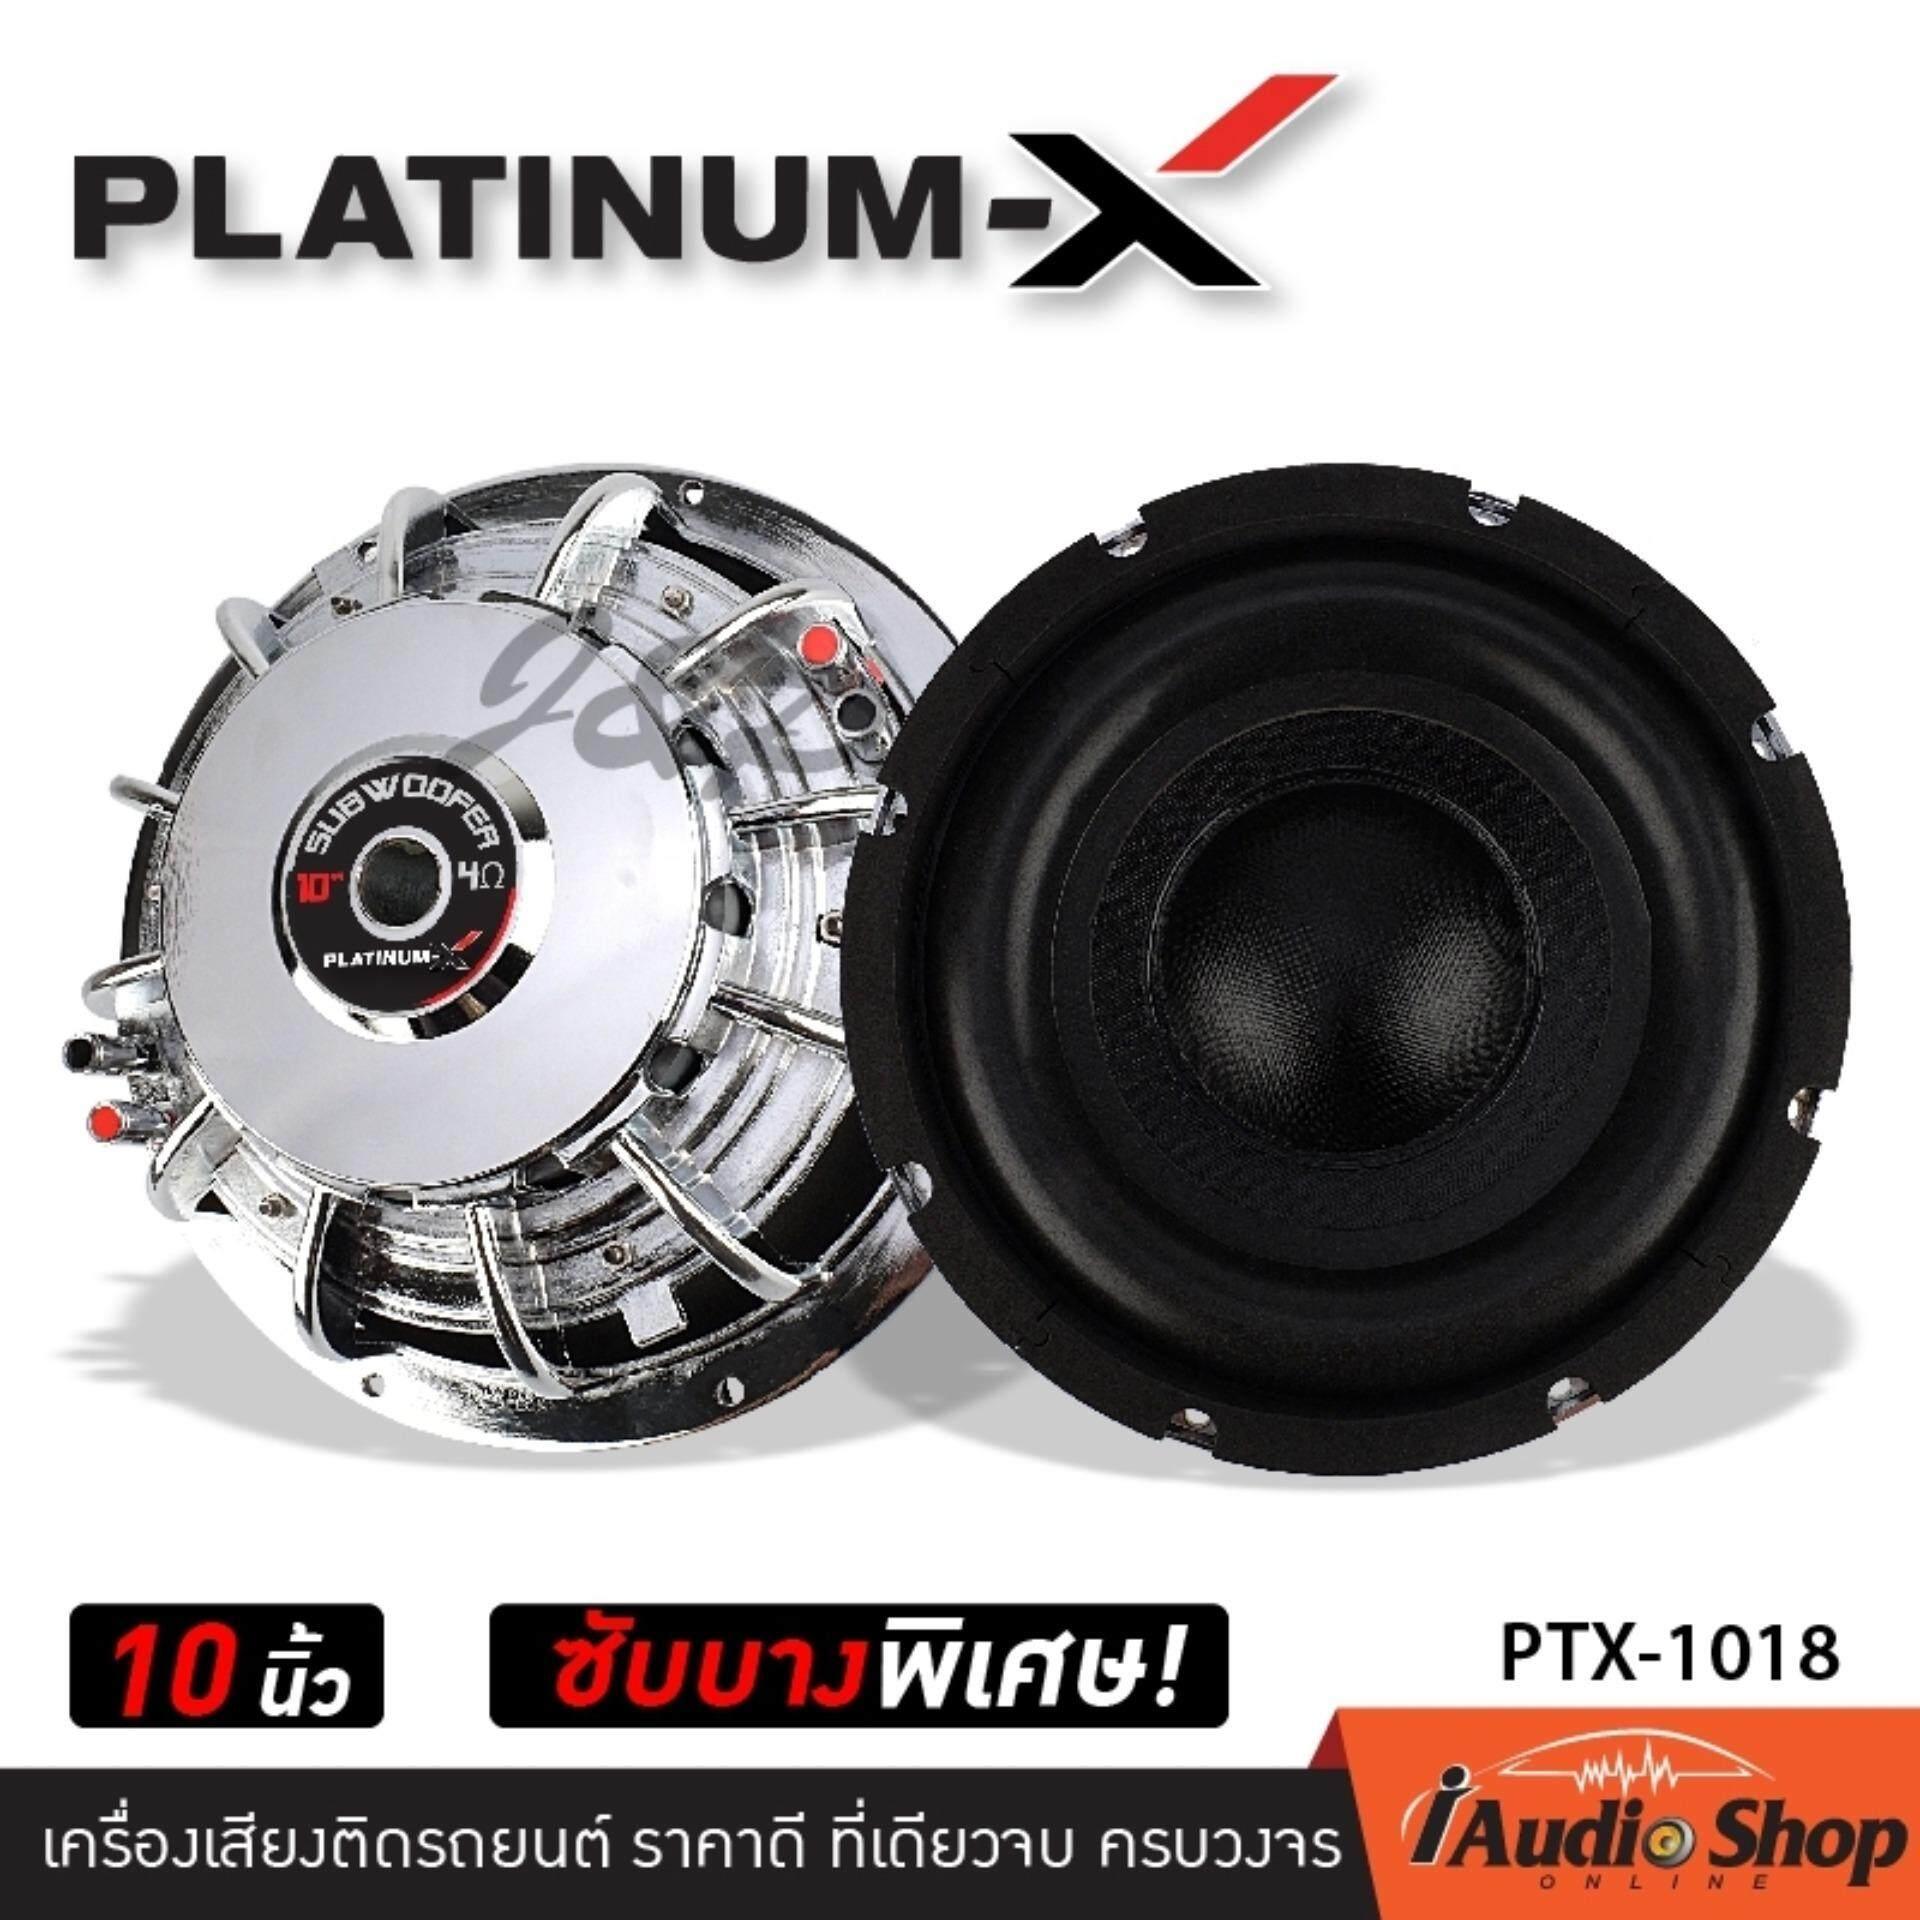 Platinum X เครื่องเสียงรถ ลำโพงรถยนต์ ซับวูฟเฟอร์ ดอกซับ10นิ้ว ซับบาง โครงเหล็กหล่อ วอยซ์คู่ แม่เหล็ก140มิล 1ชั้น จำนวน1คู่ Iaudioshop.